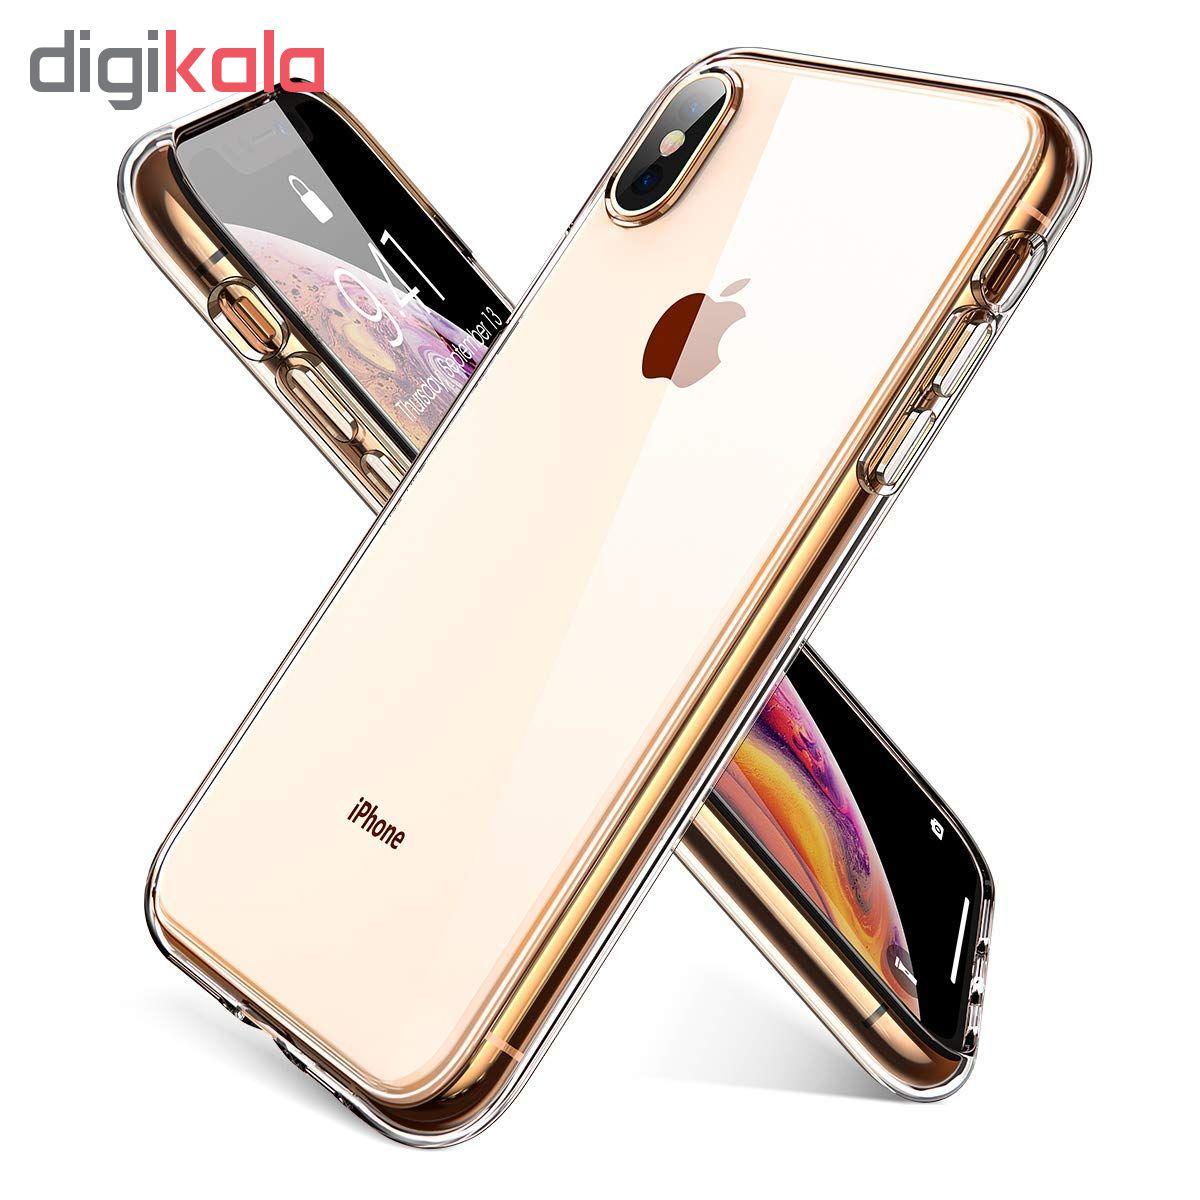 کاور آی دوژی مدل Electroplate Pc مناسب برای اپل iPhone X/XS              ( قیمت و خرید)